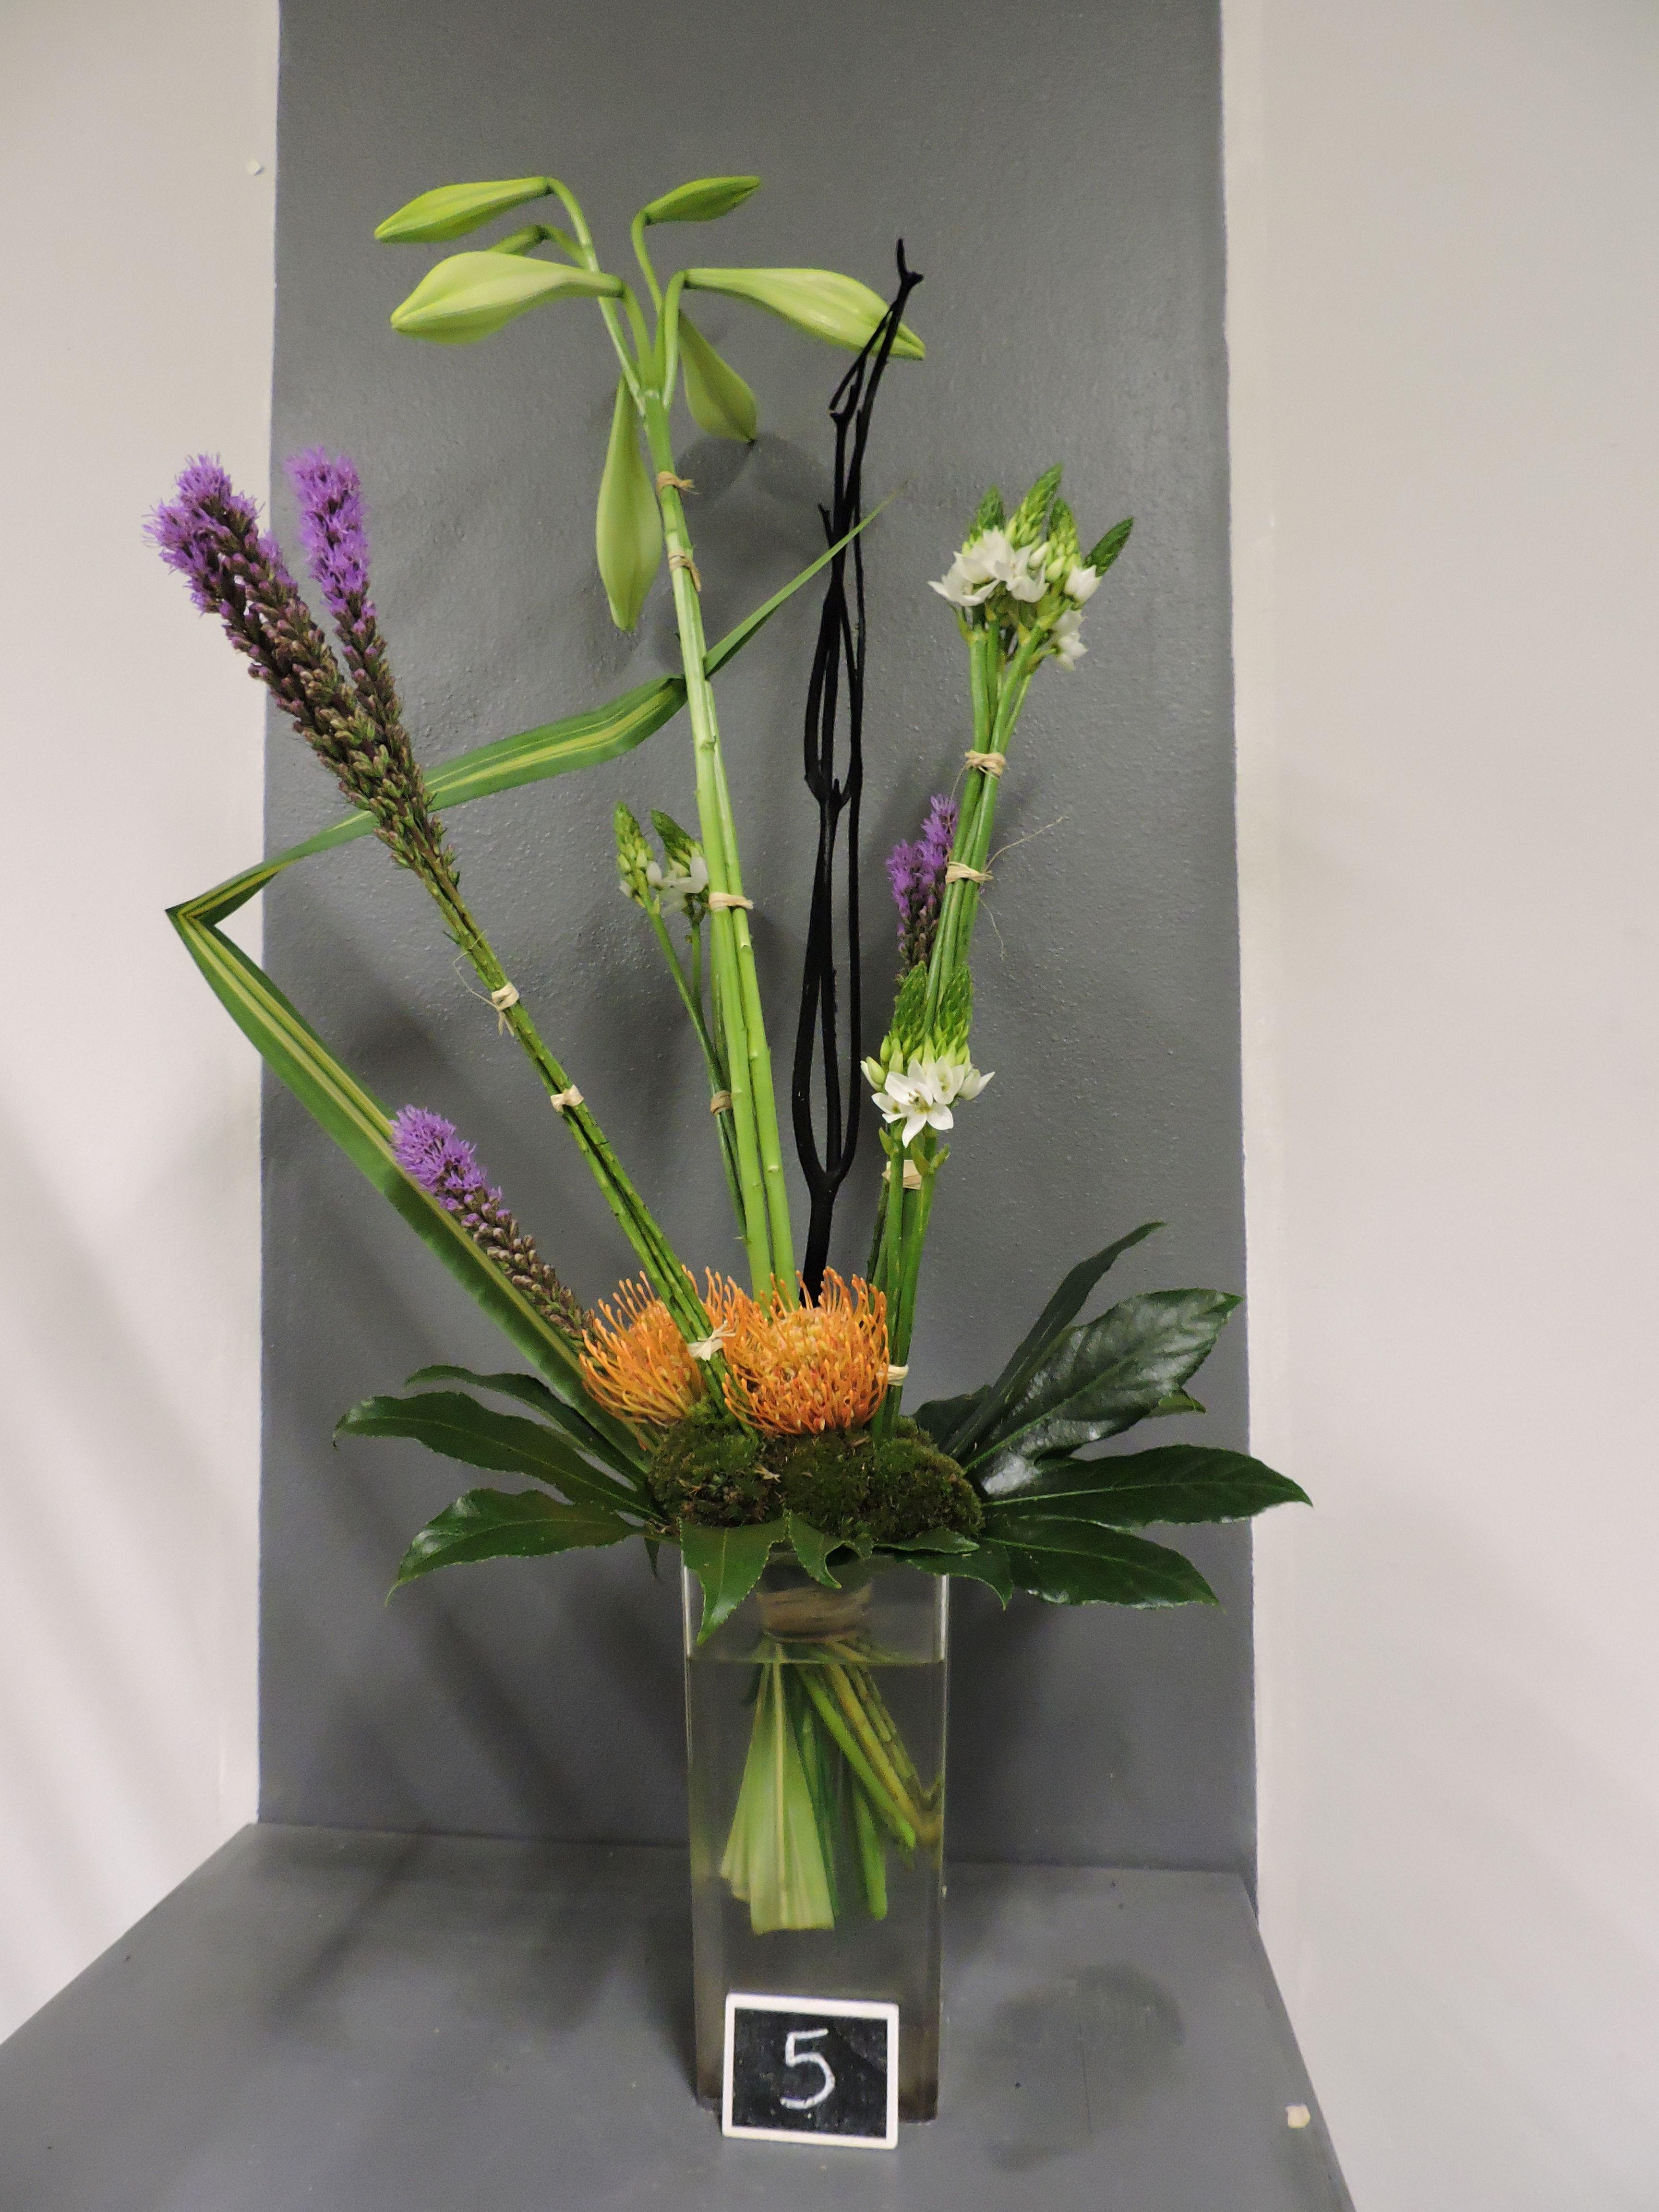 premier bouquet de style lin aire expression verticale pour les cap 1 re ann e janvier 2016 cfa. Black Bedroom Furniture Sets. Home Design Ideas